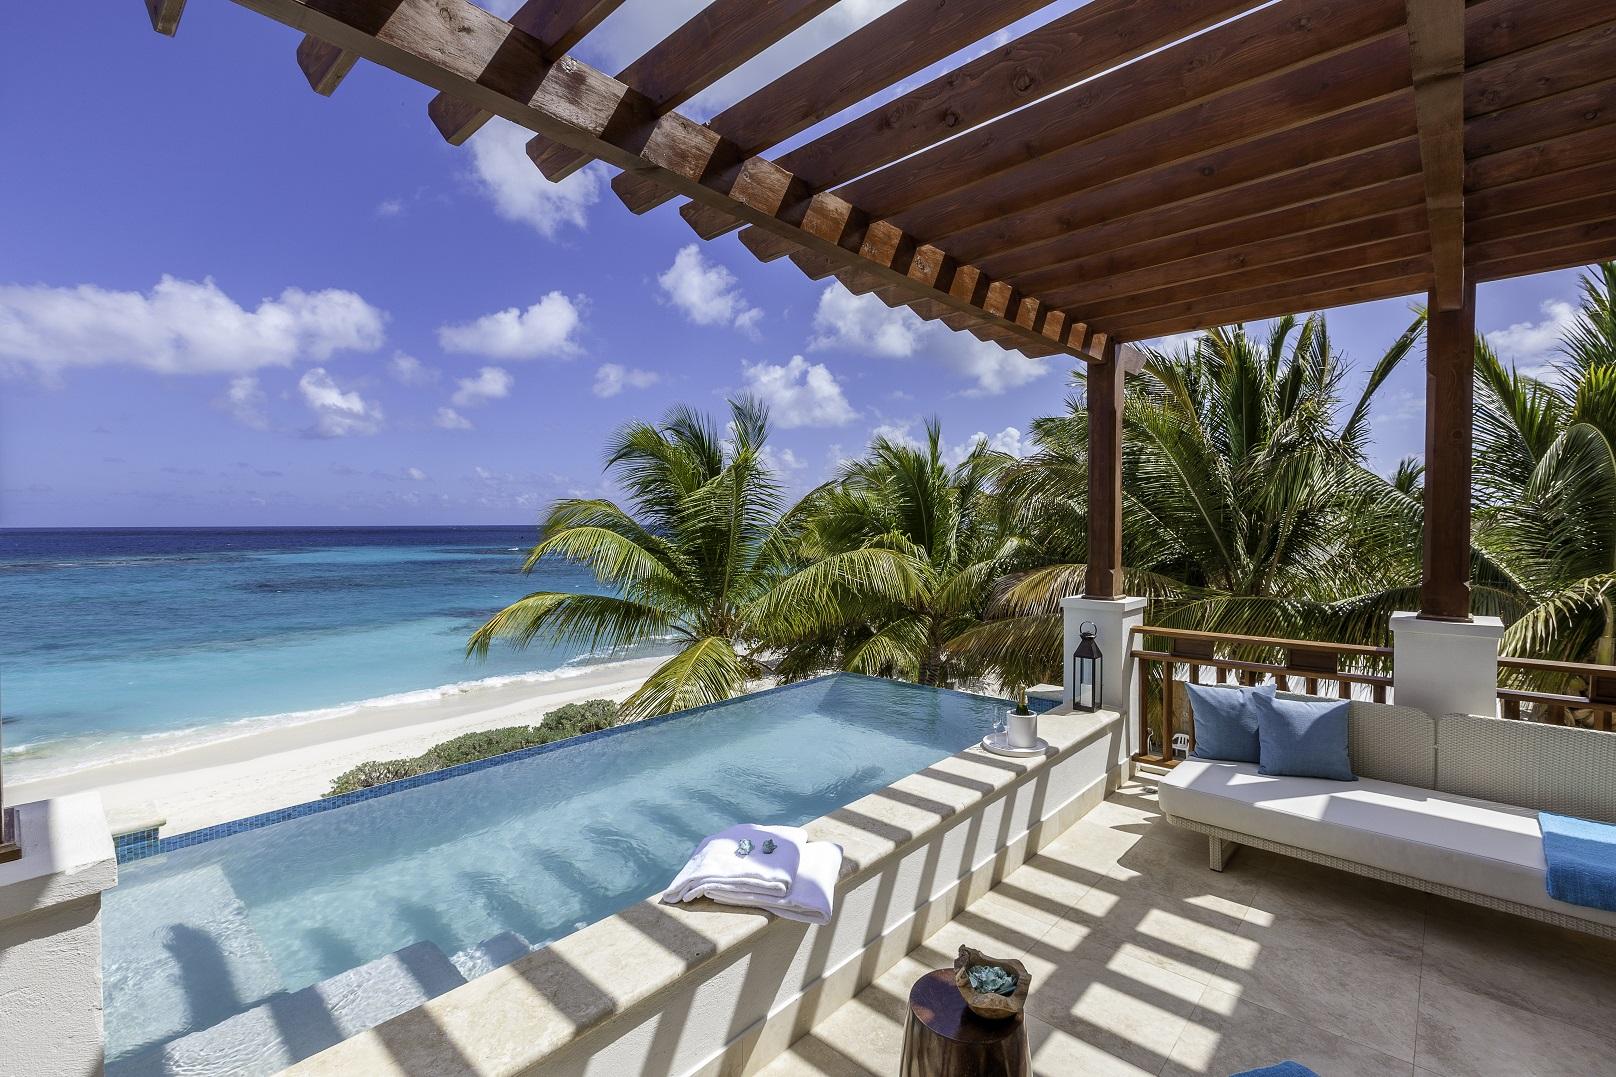 Gattinoni travel experience e l 39 esclusivit dei resort ai caraibi - Suite con piscina privata ...